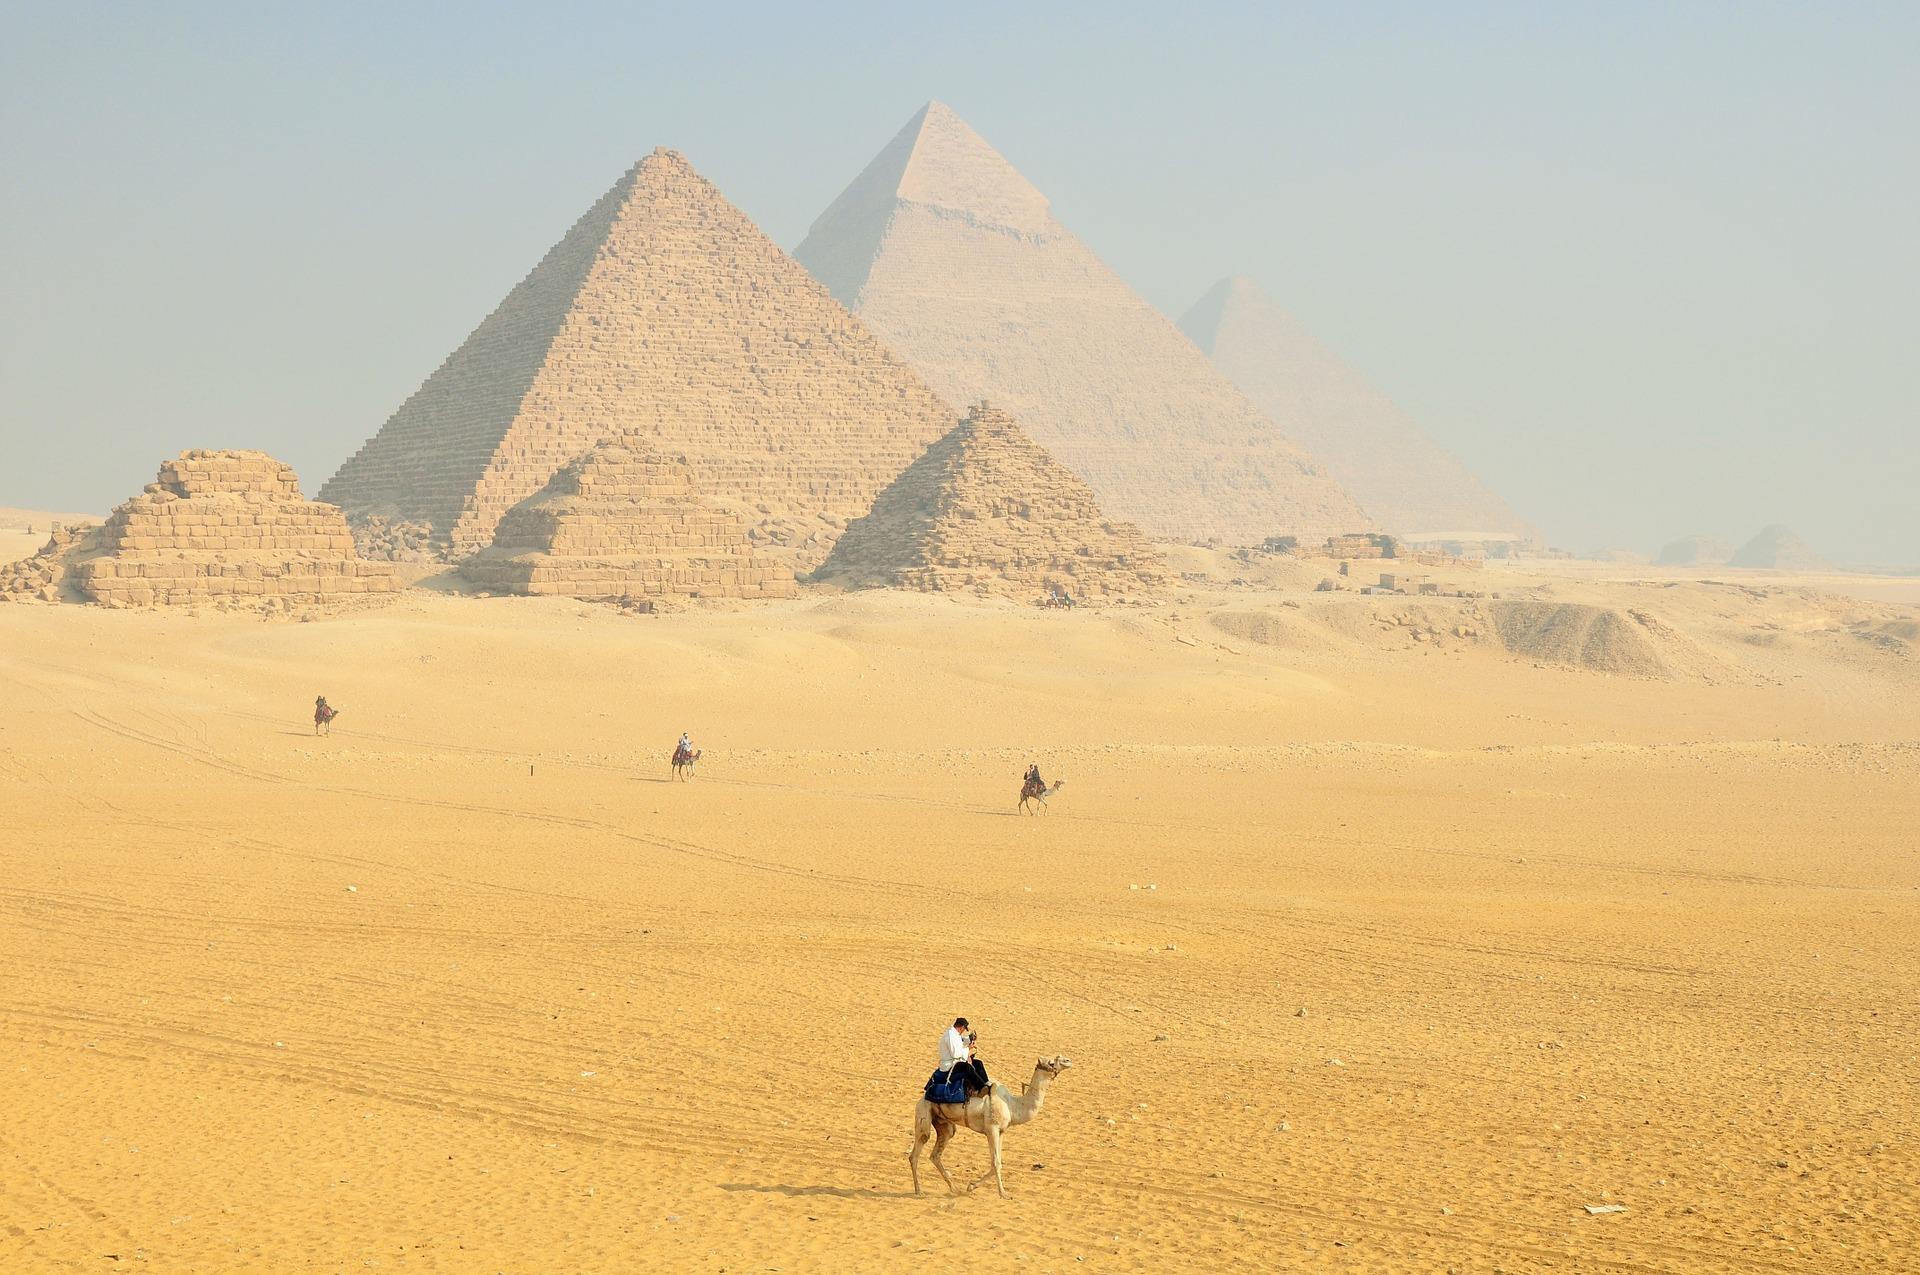 Хеопсовата пирамида, наречена още Великата пирамида или Голямата пирамида е най-голямата от египетските пирамиди.